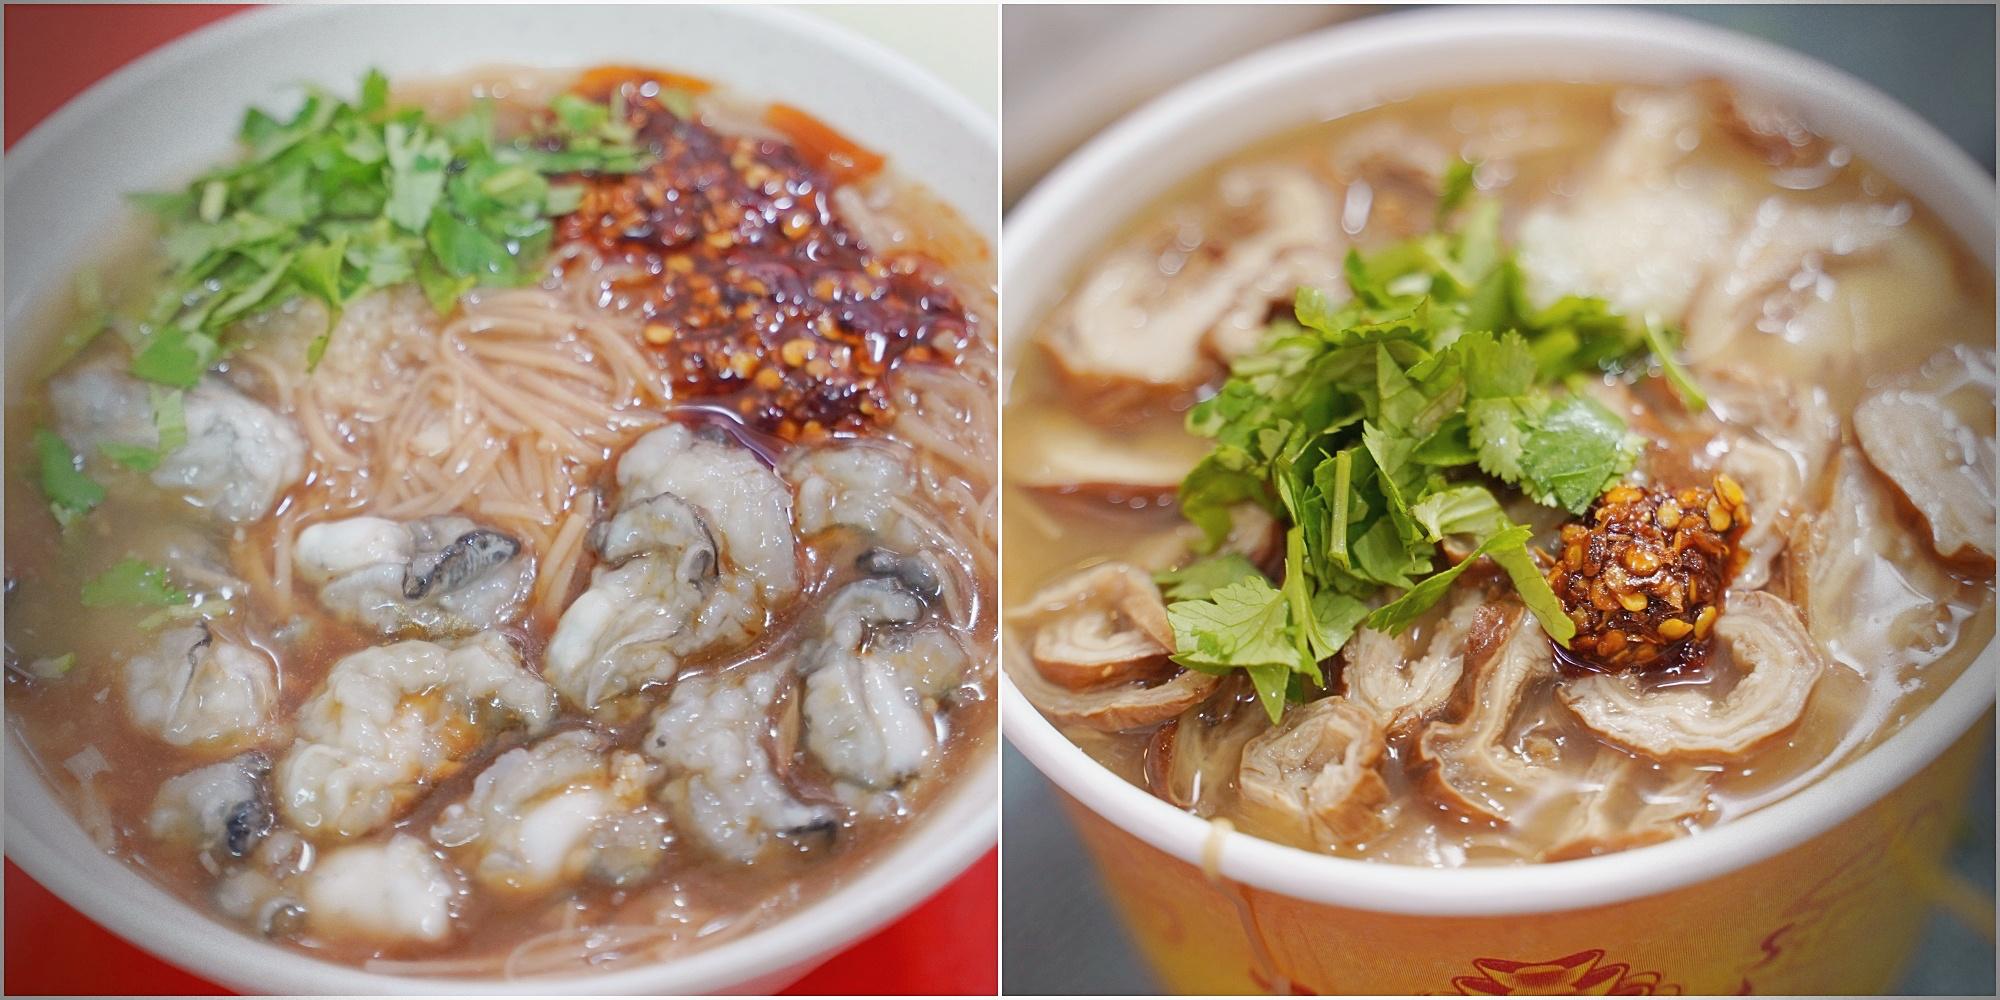 淡水徐記大腸蚵仔麵線|淡水清水街銅板小吃|淡水必吃麵線(菜單、價格)